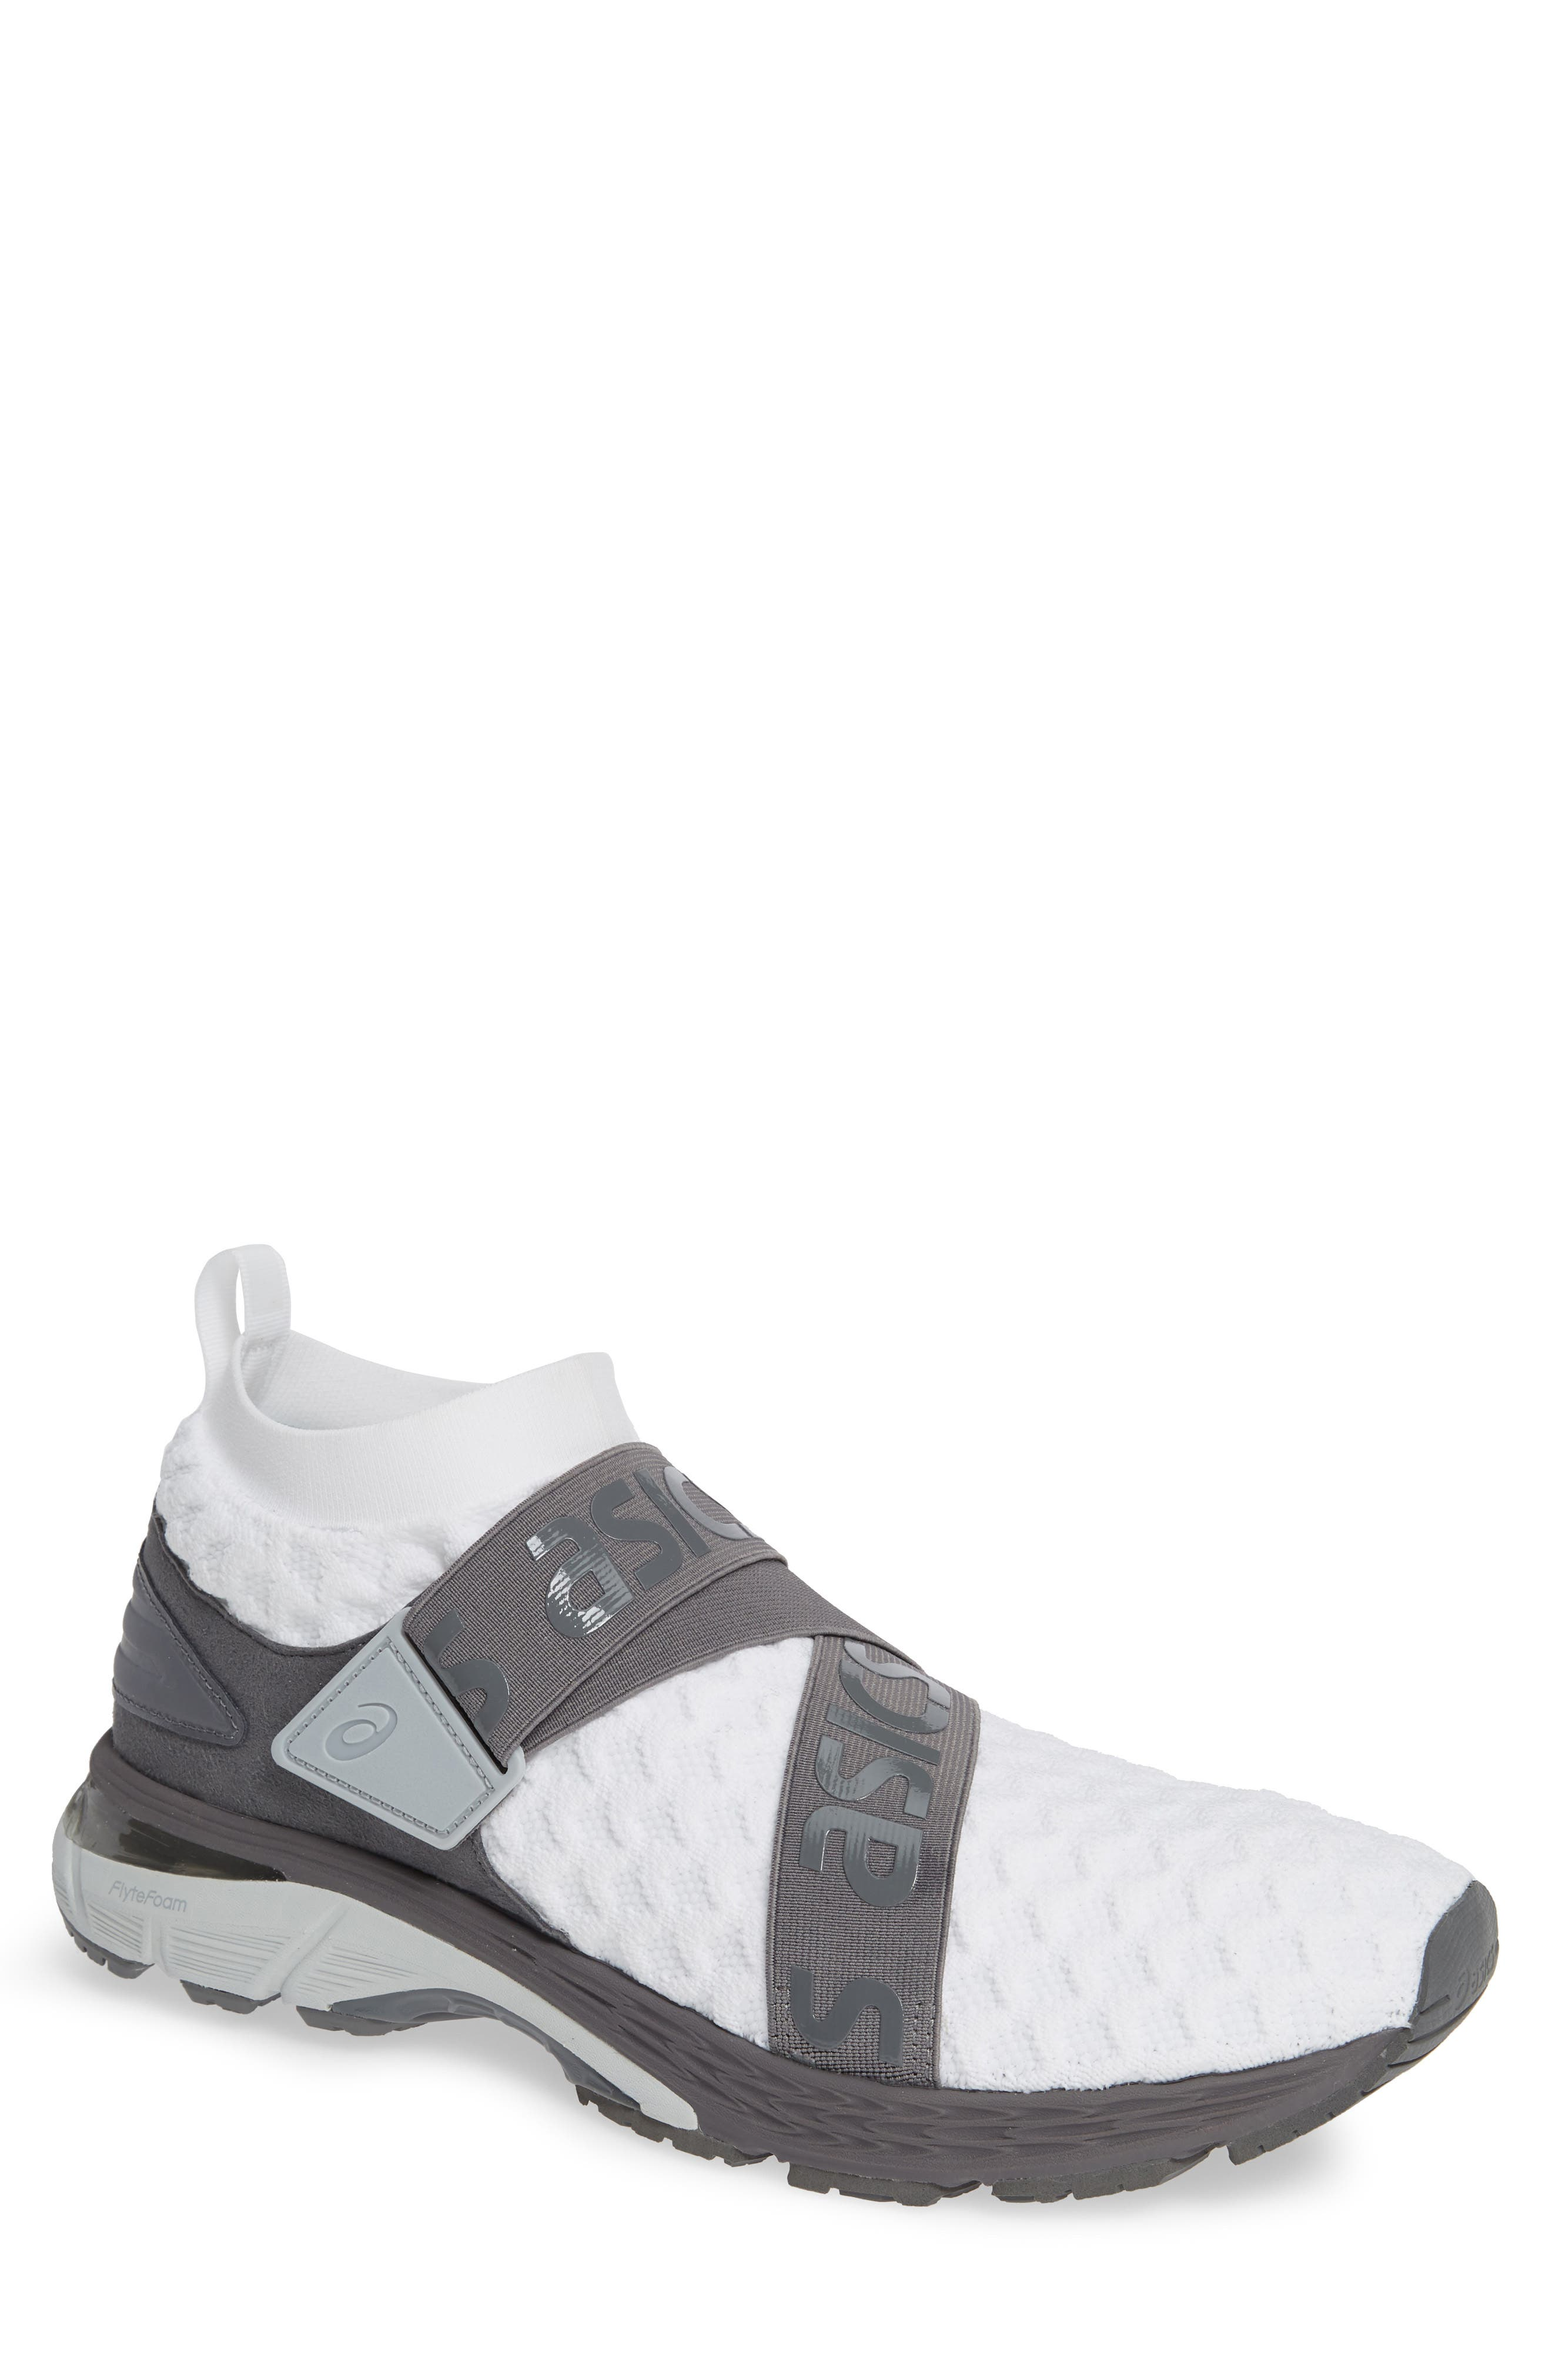 ASICS<SUP>®</SUP> GEL Kayano Obi Running Shoe, Main, color, WHITE/ CARBON